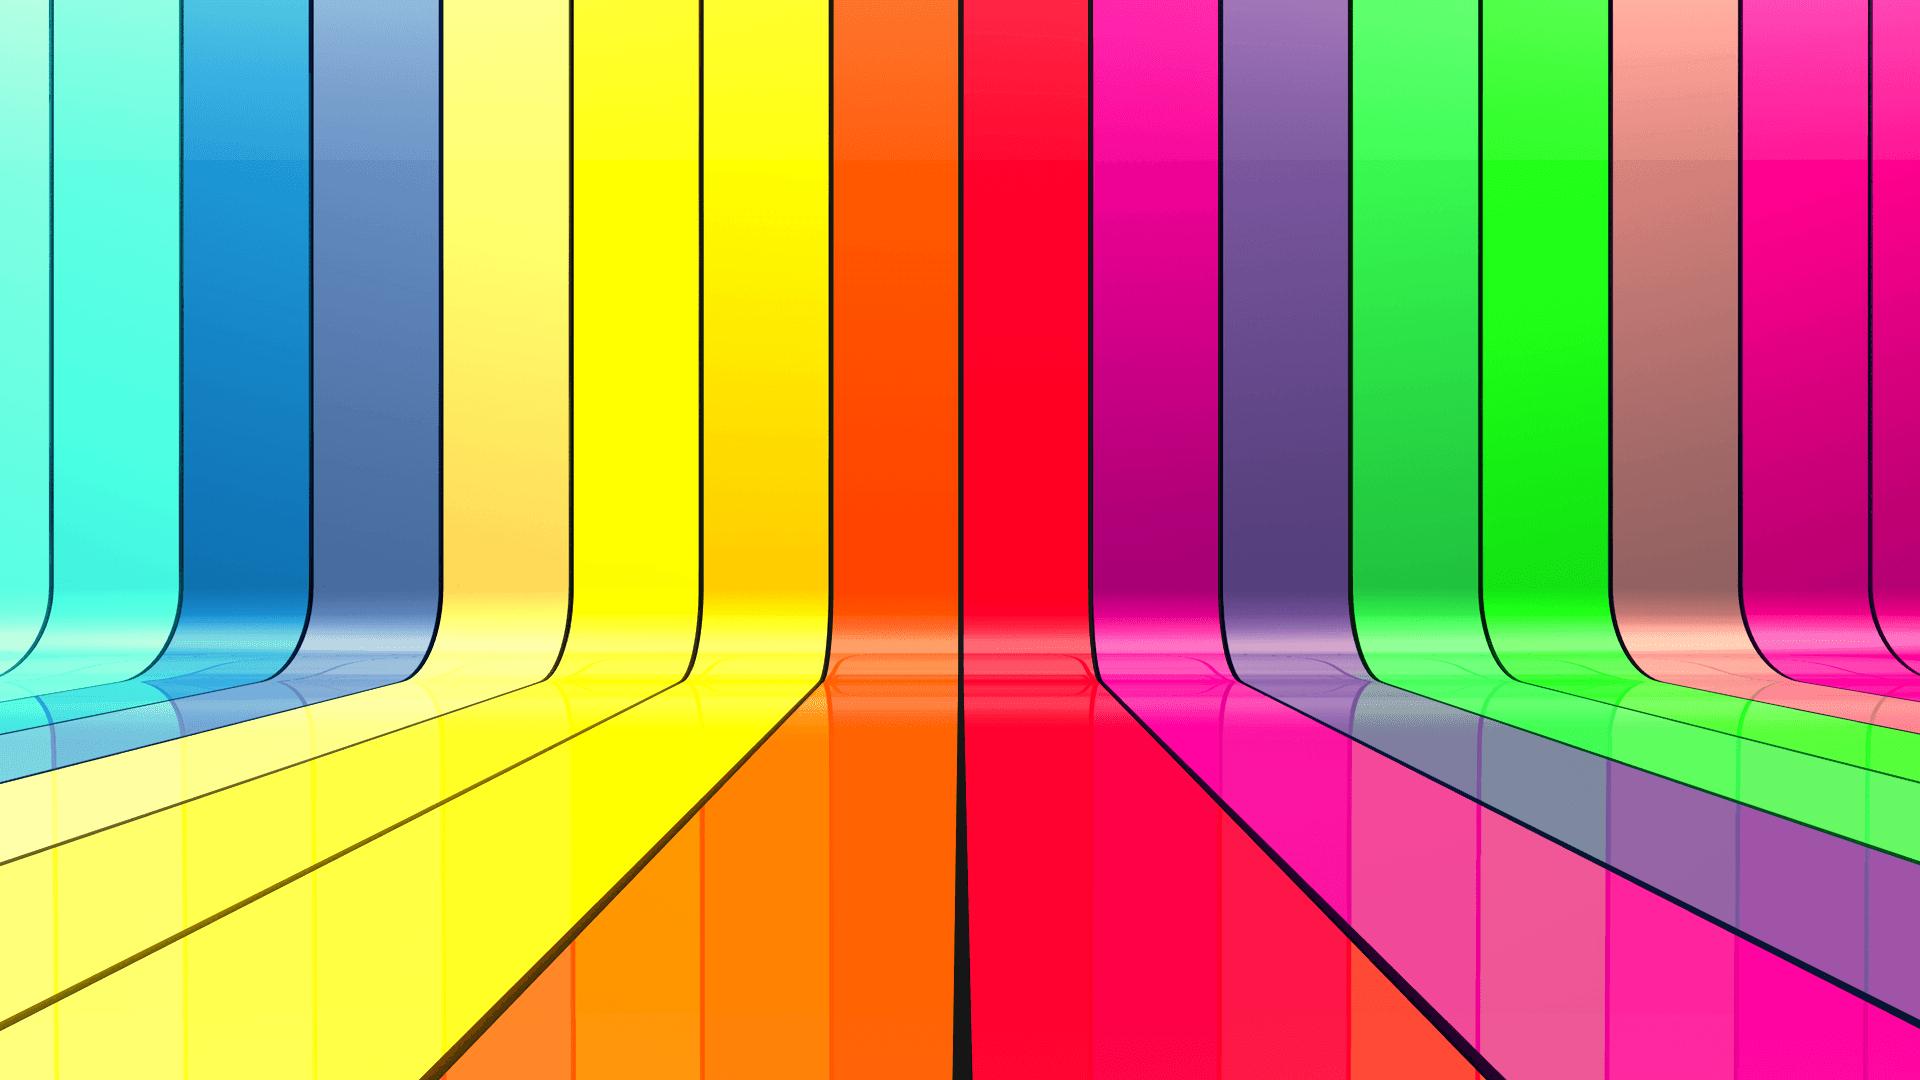 3d colors by tonare - photo #1